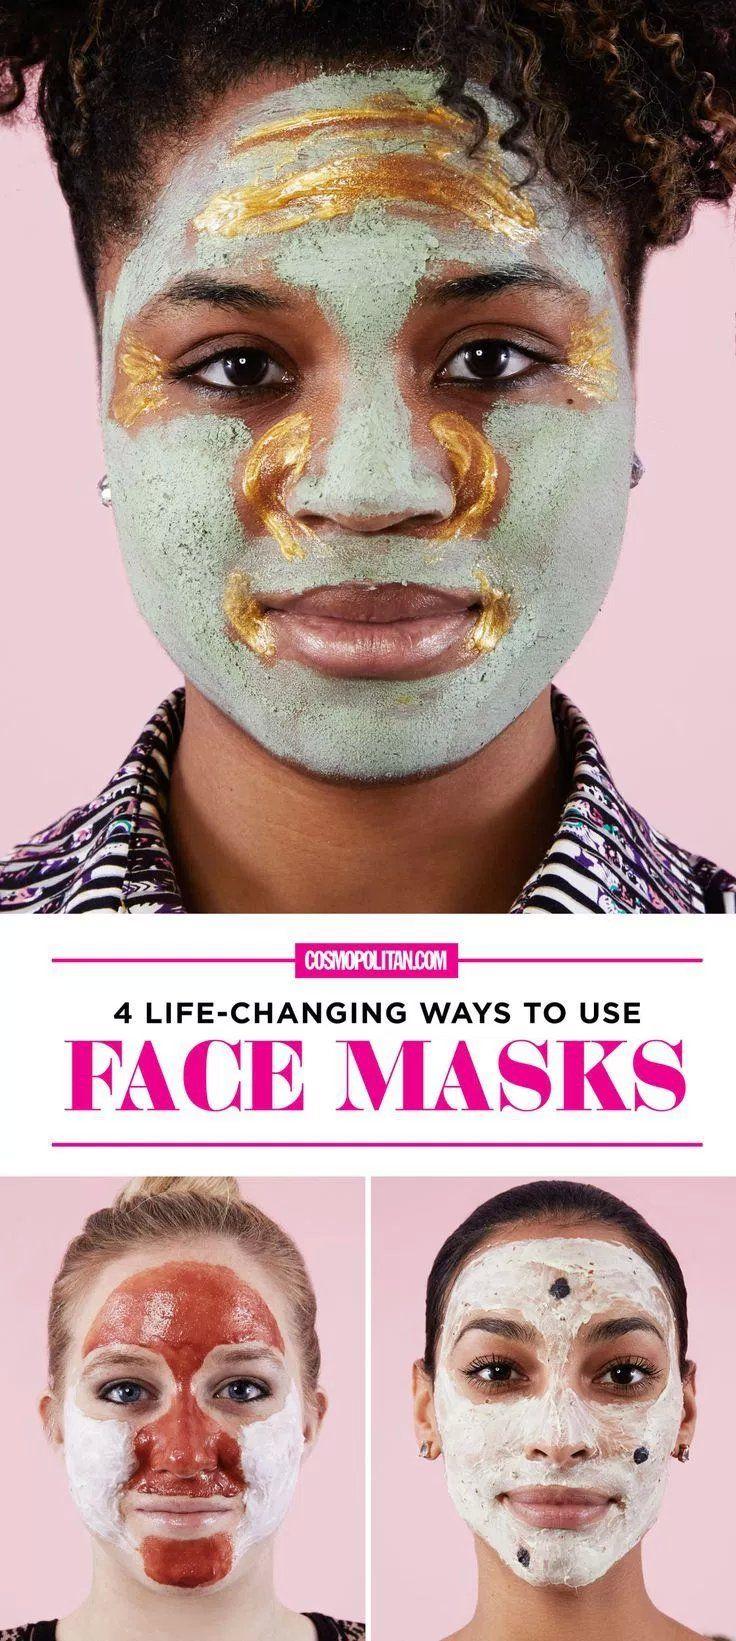 LifeChanging Ways to Use Face Masks  Skincare  Pinterest  Life